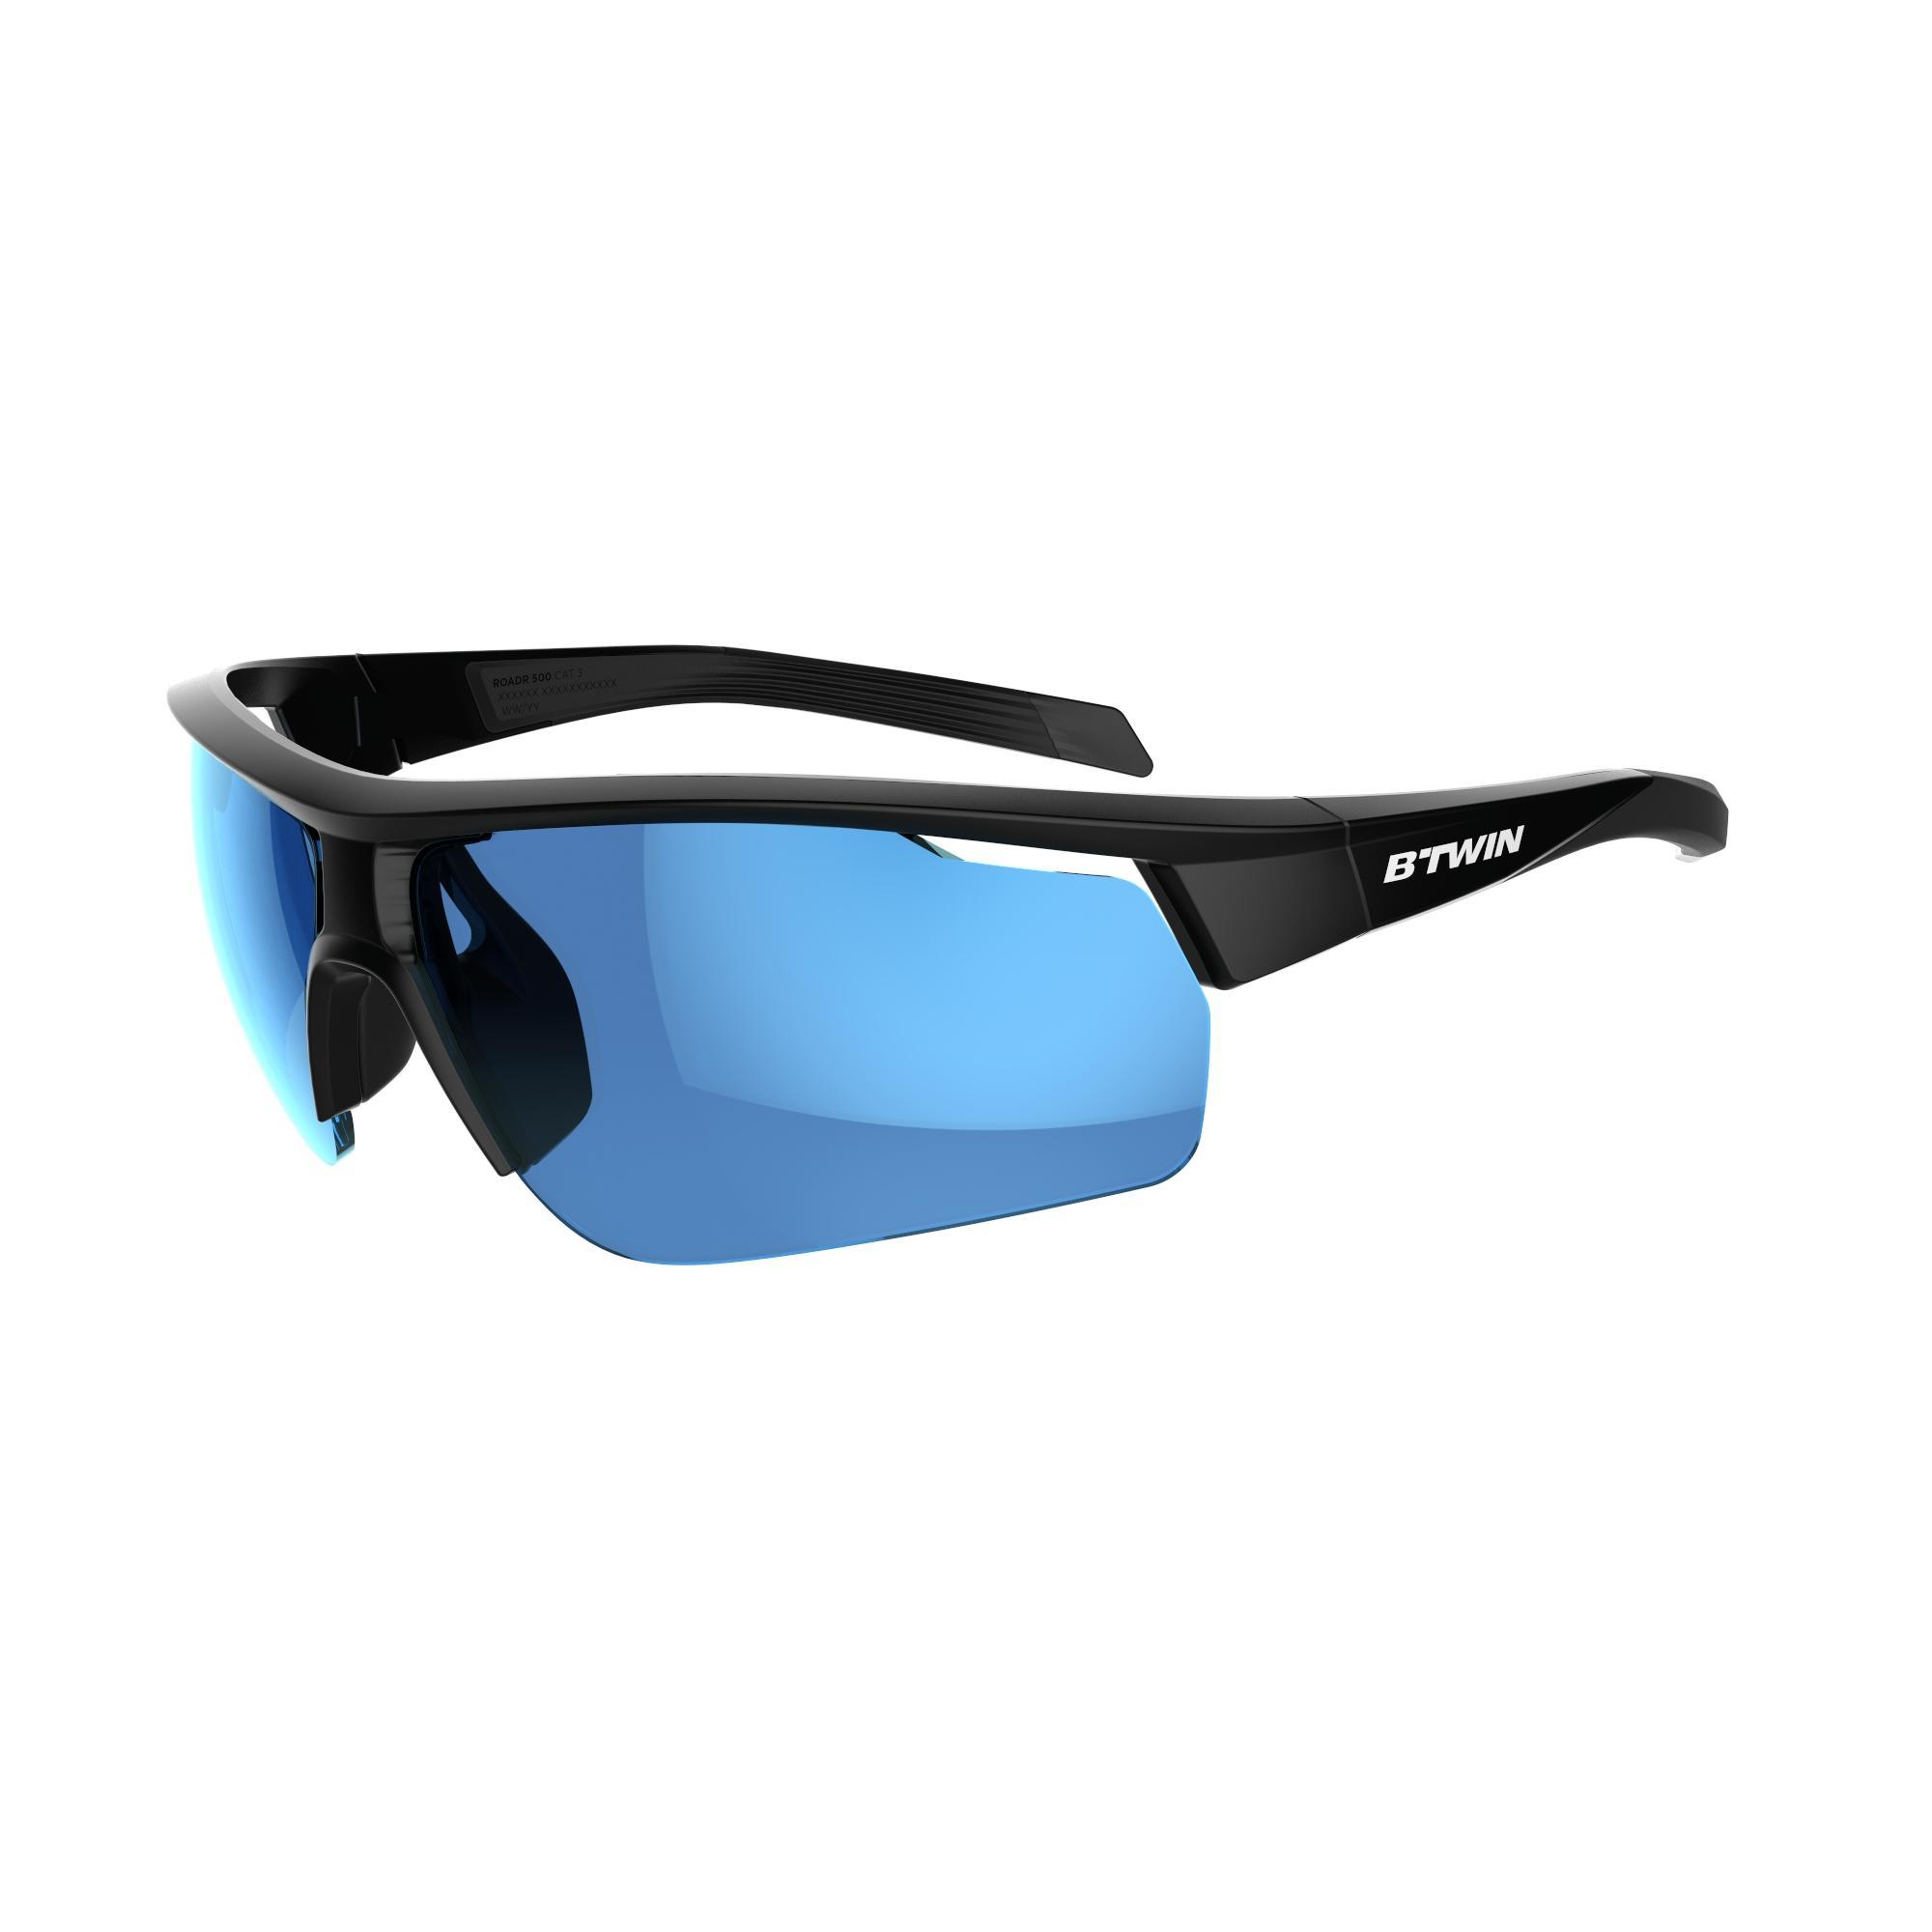 Orao Fietsbril volwassenen Roadr 500 categorie 3 zwart